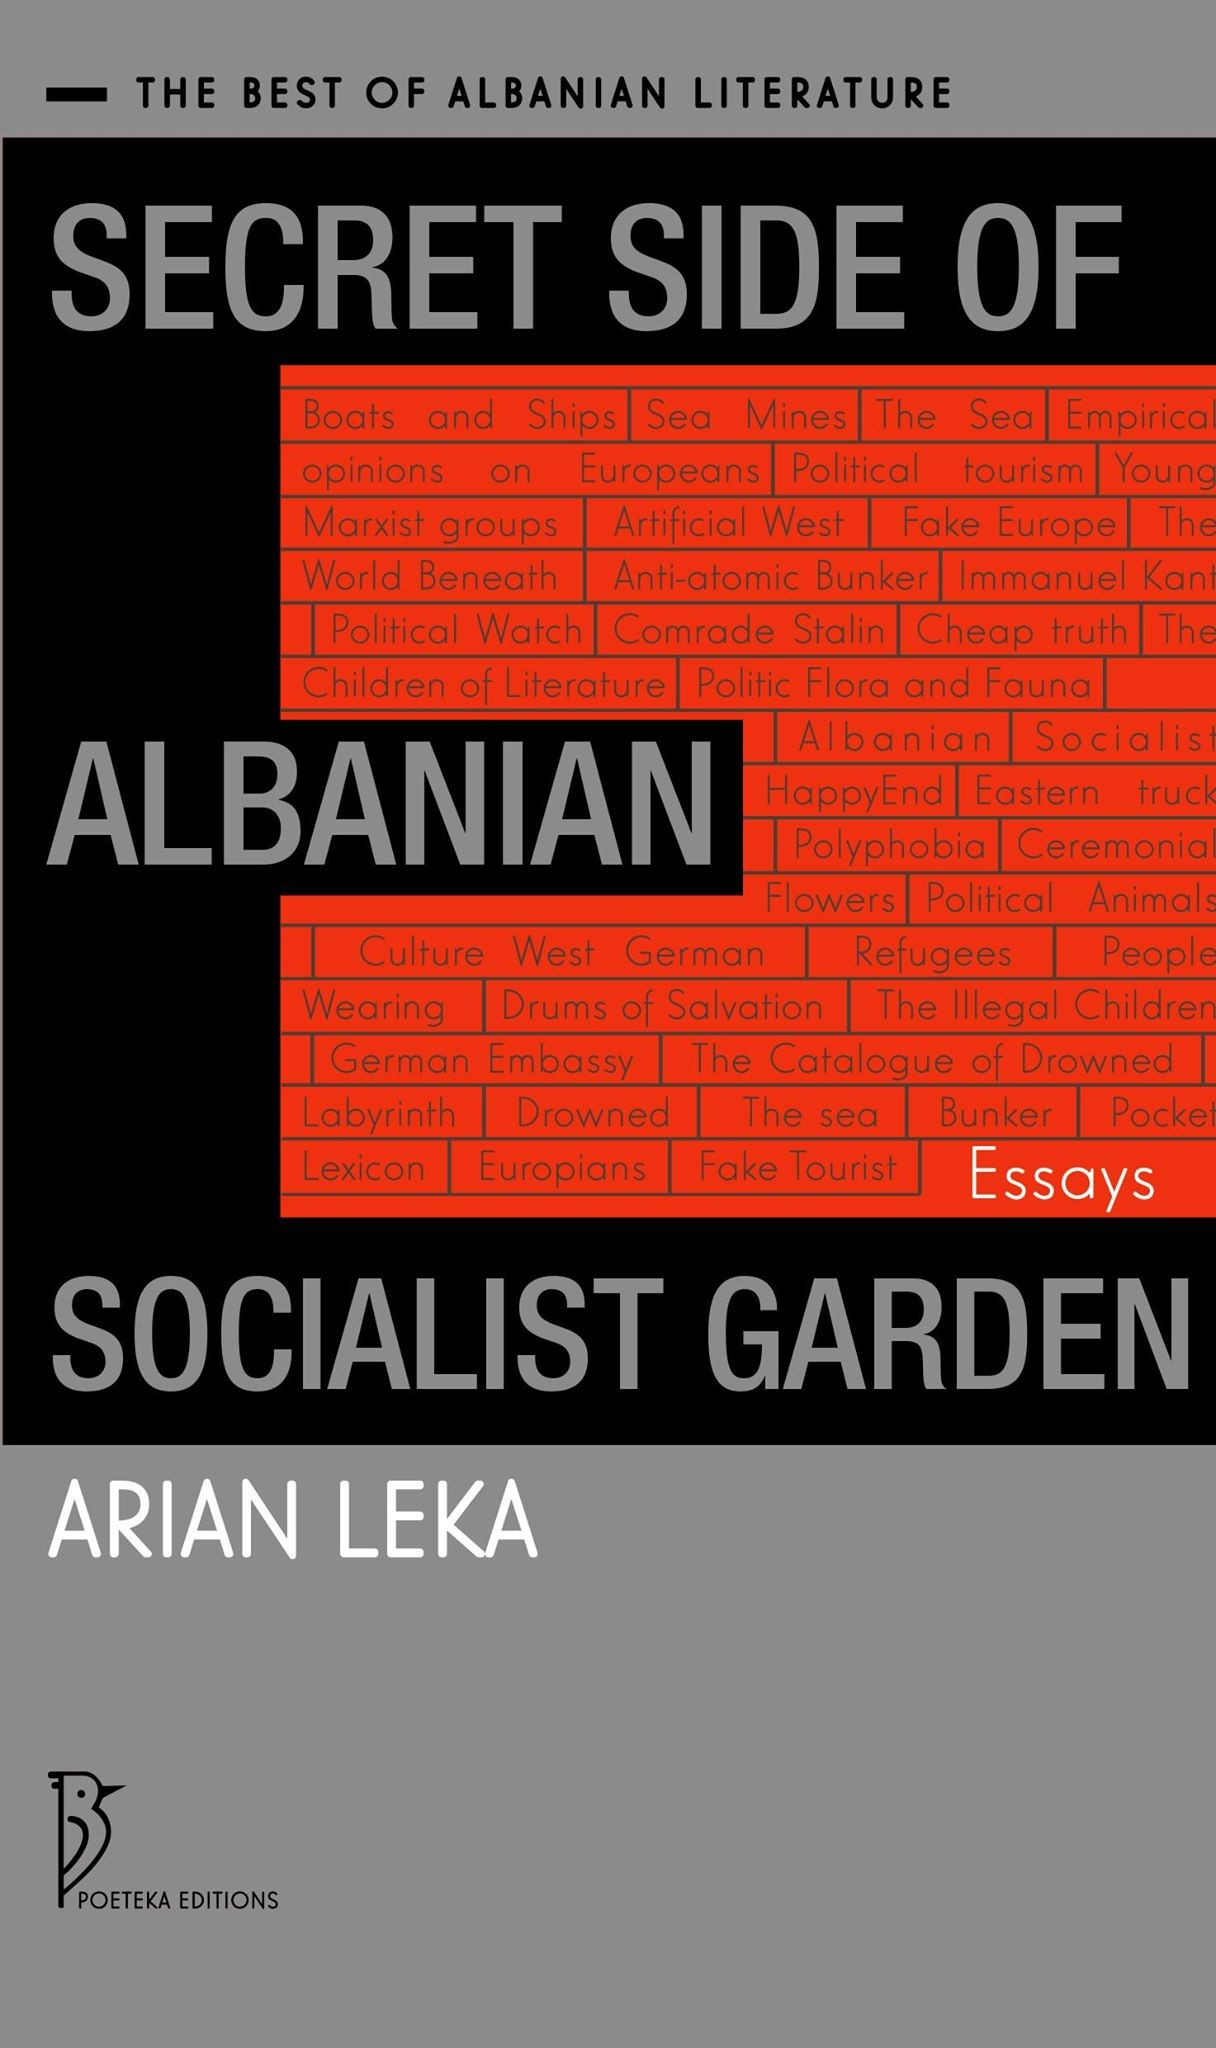 Secret side of Albanian socialist garden